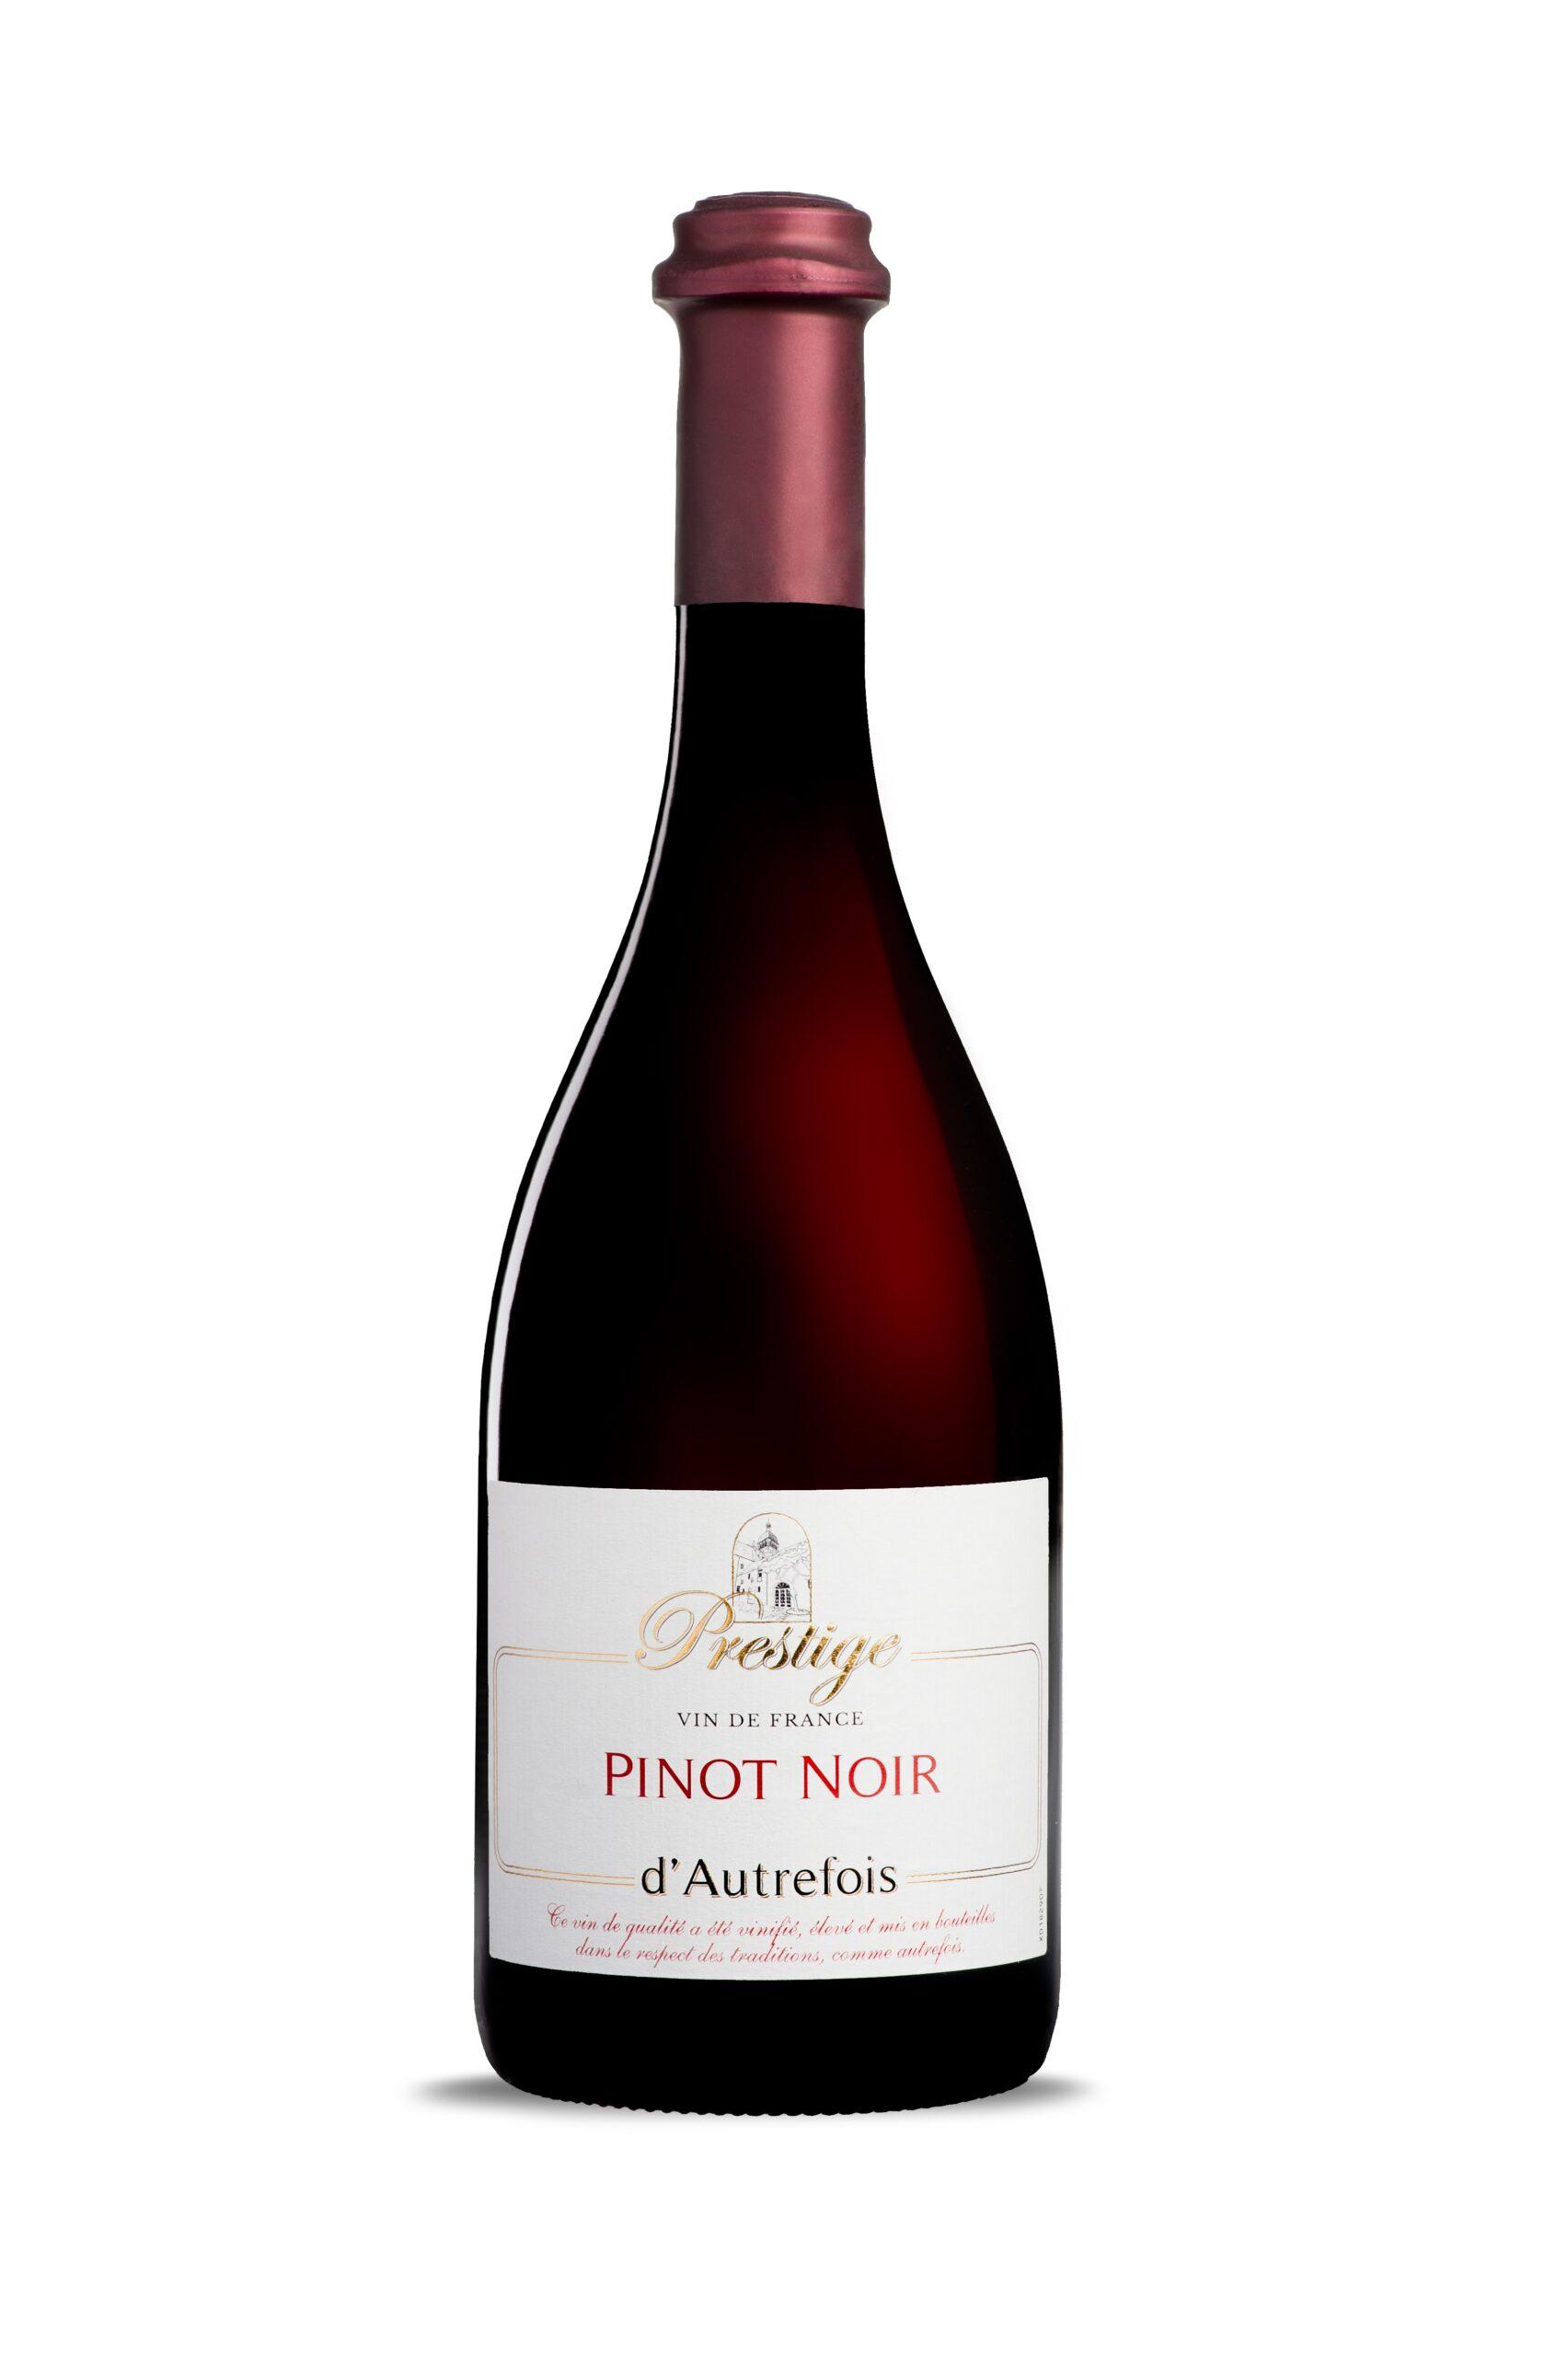 Pinot Noir Prestige d'Autrefois